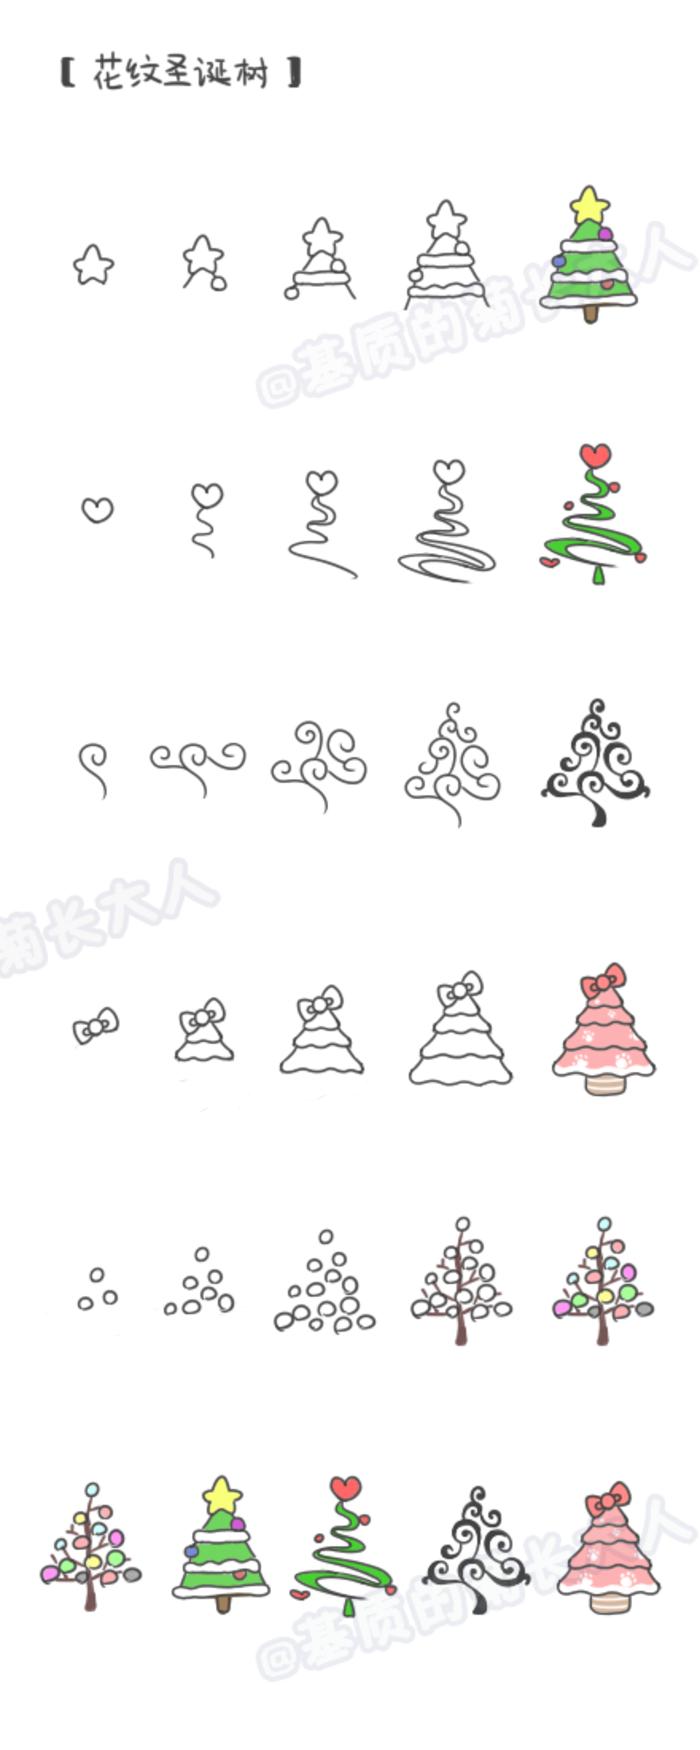 Tannenbaum Diagramm.Weihnachtsbäume Einfach Gezeichnet Tafel Weihnachten Zeichnung